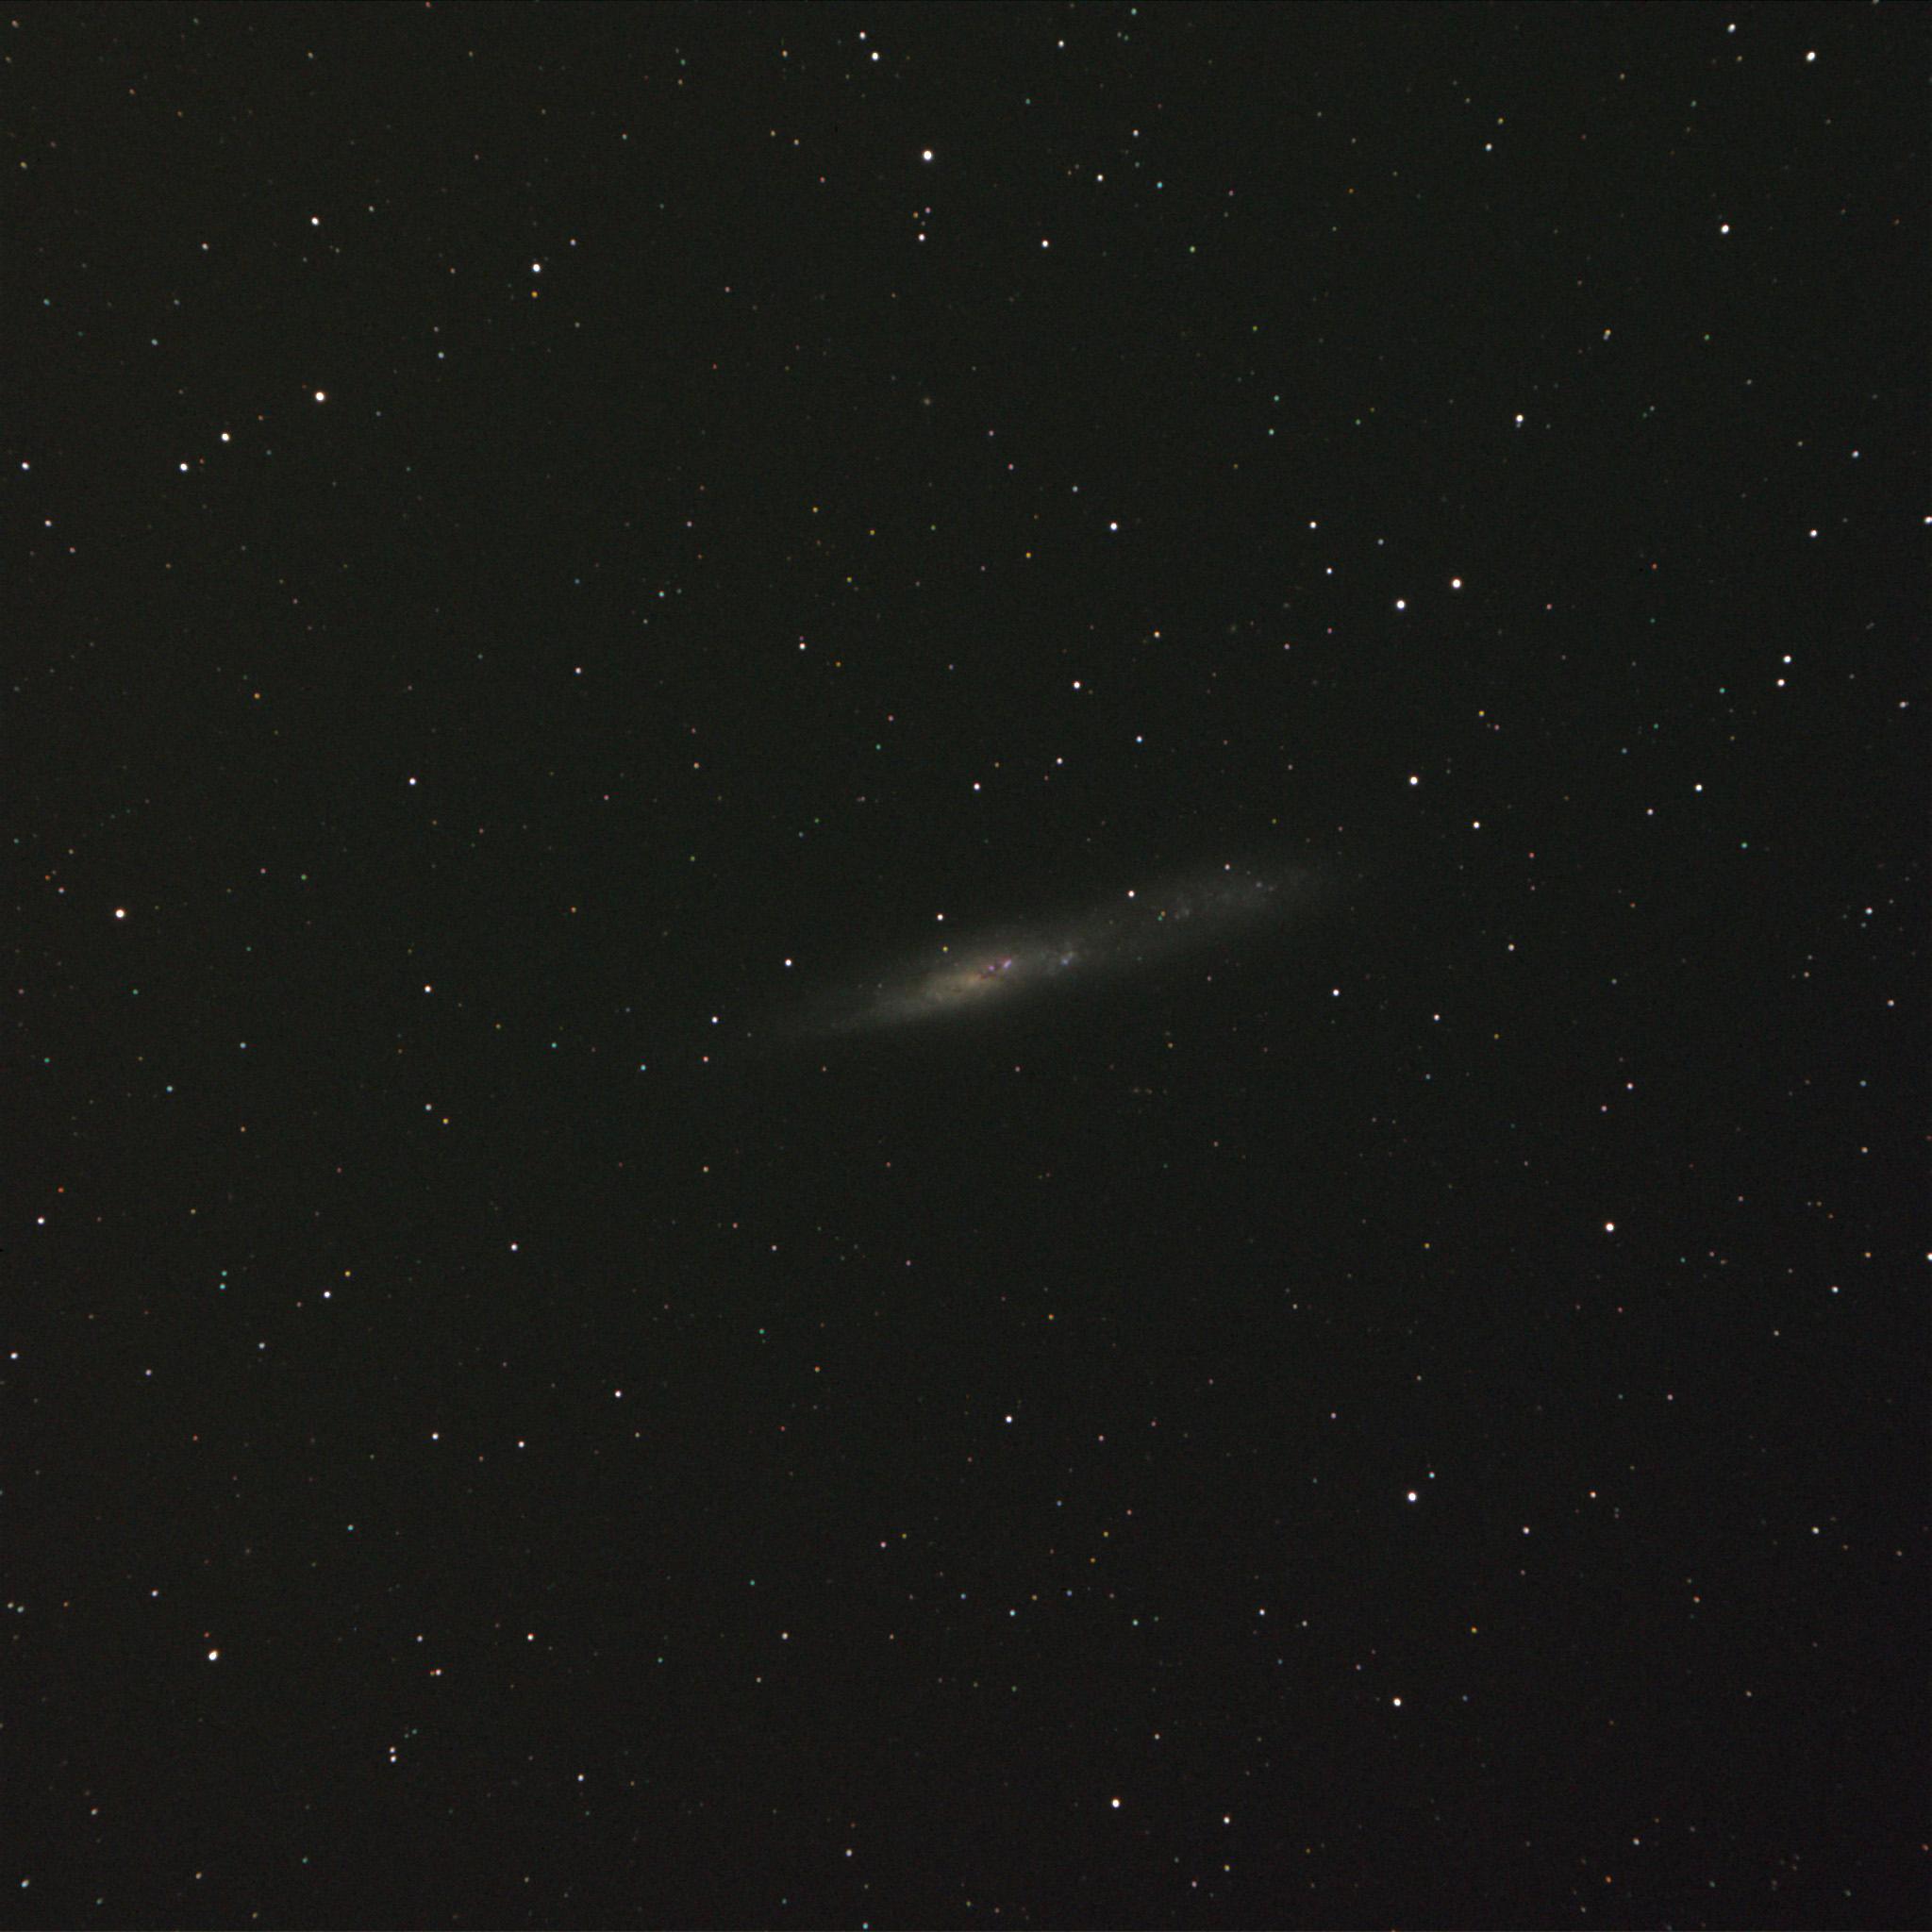 NGC55